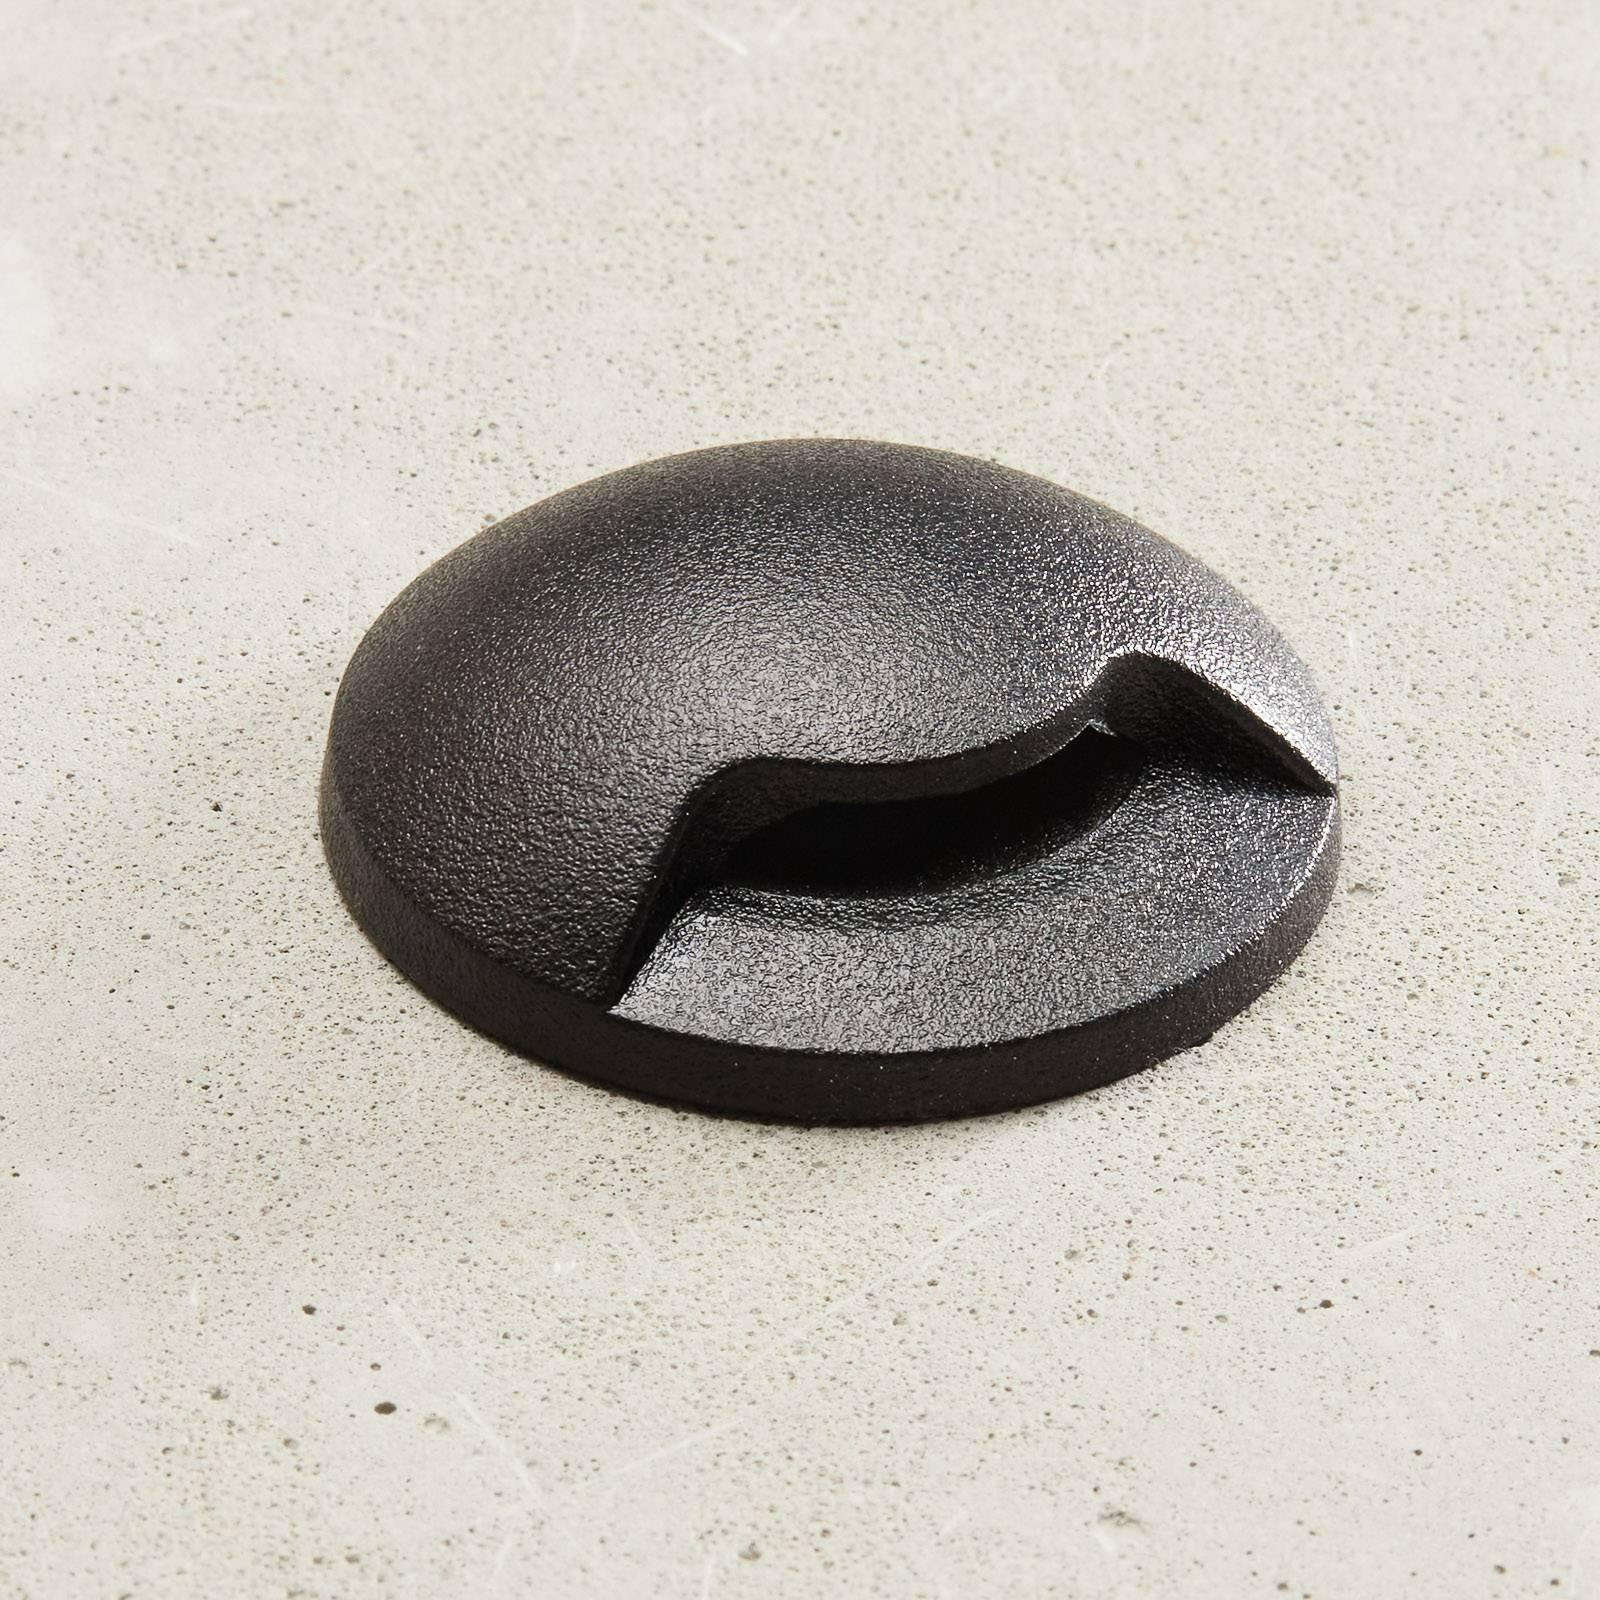 LED-uppovalaisin Aldo 1L musta/kirkas 3 000 K